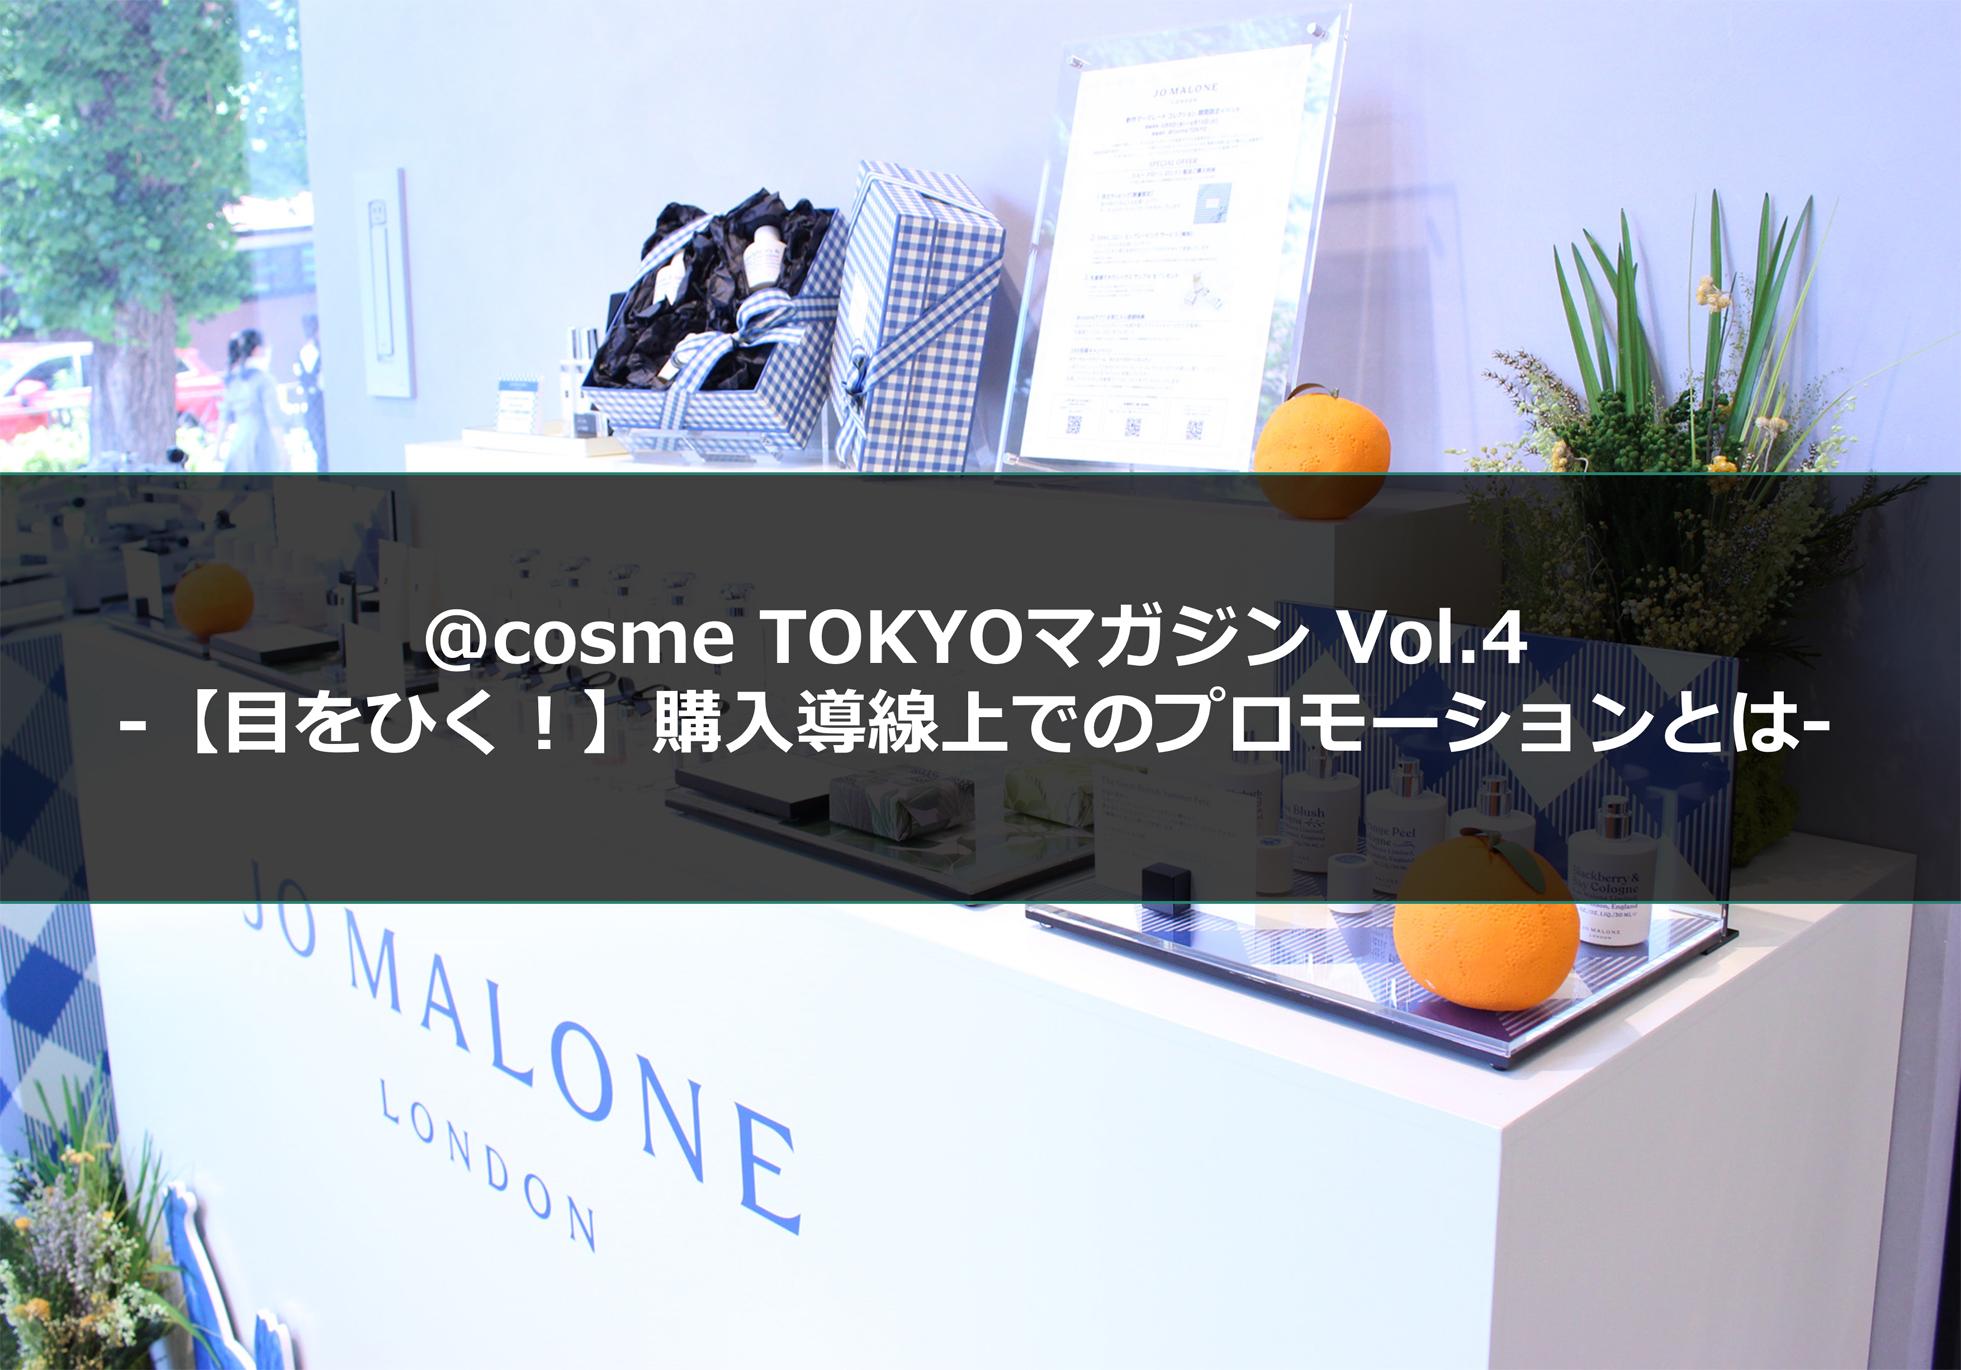 「@cosme=コスメを買いに行く場所」と認知しているお客様へのアプローチ事例|連載:@cosme TOKYOマガジン Vol.4(7月14日号) サムネイル画像